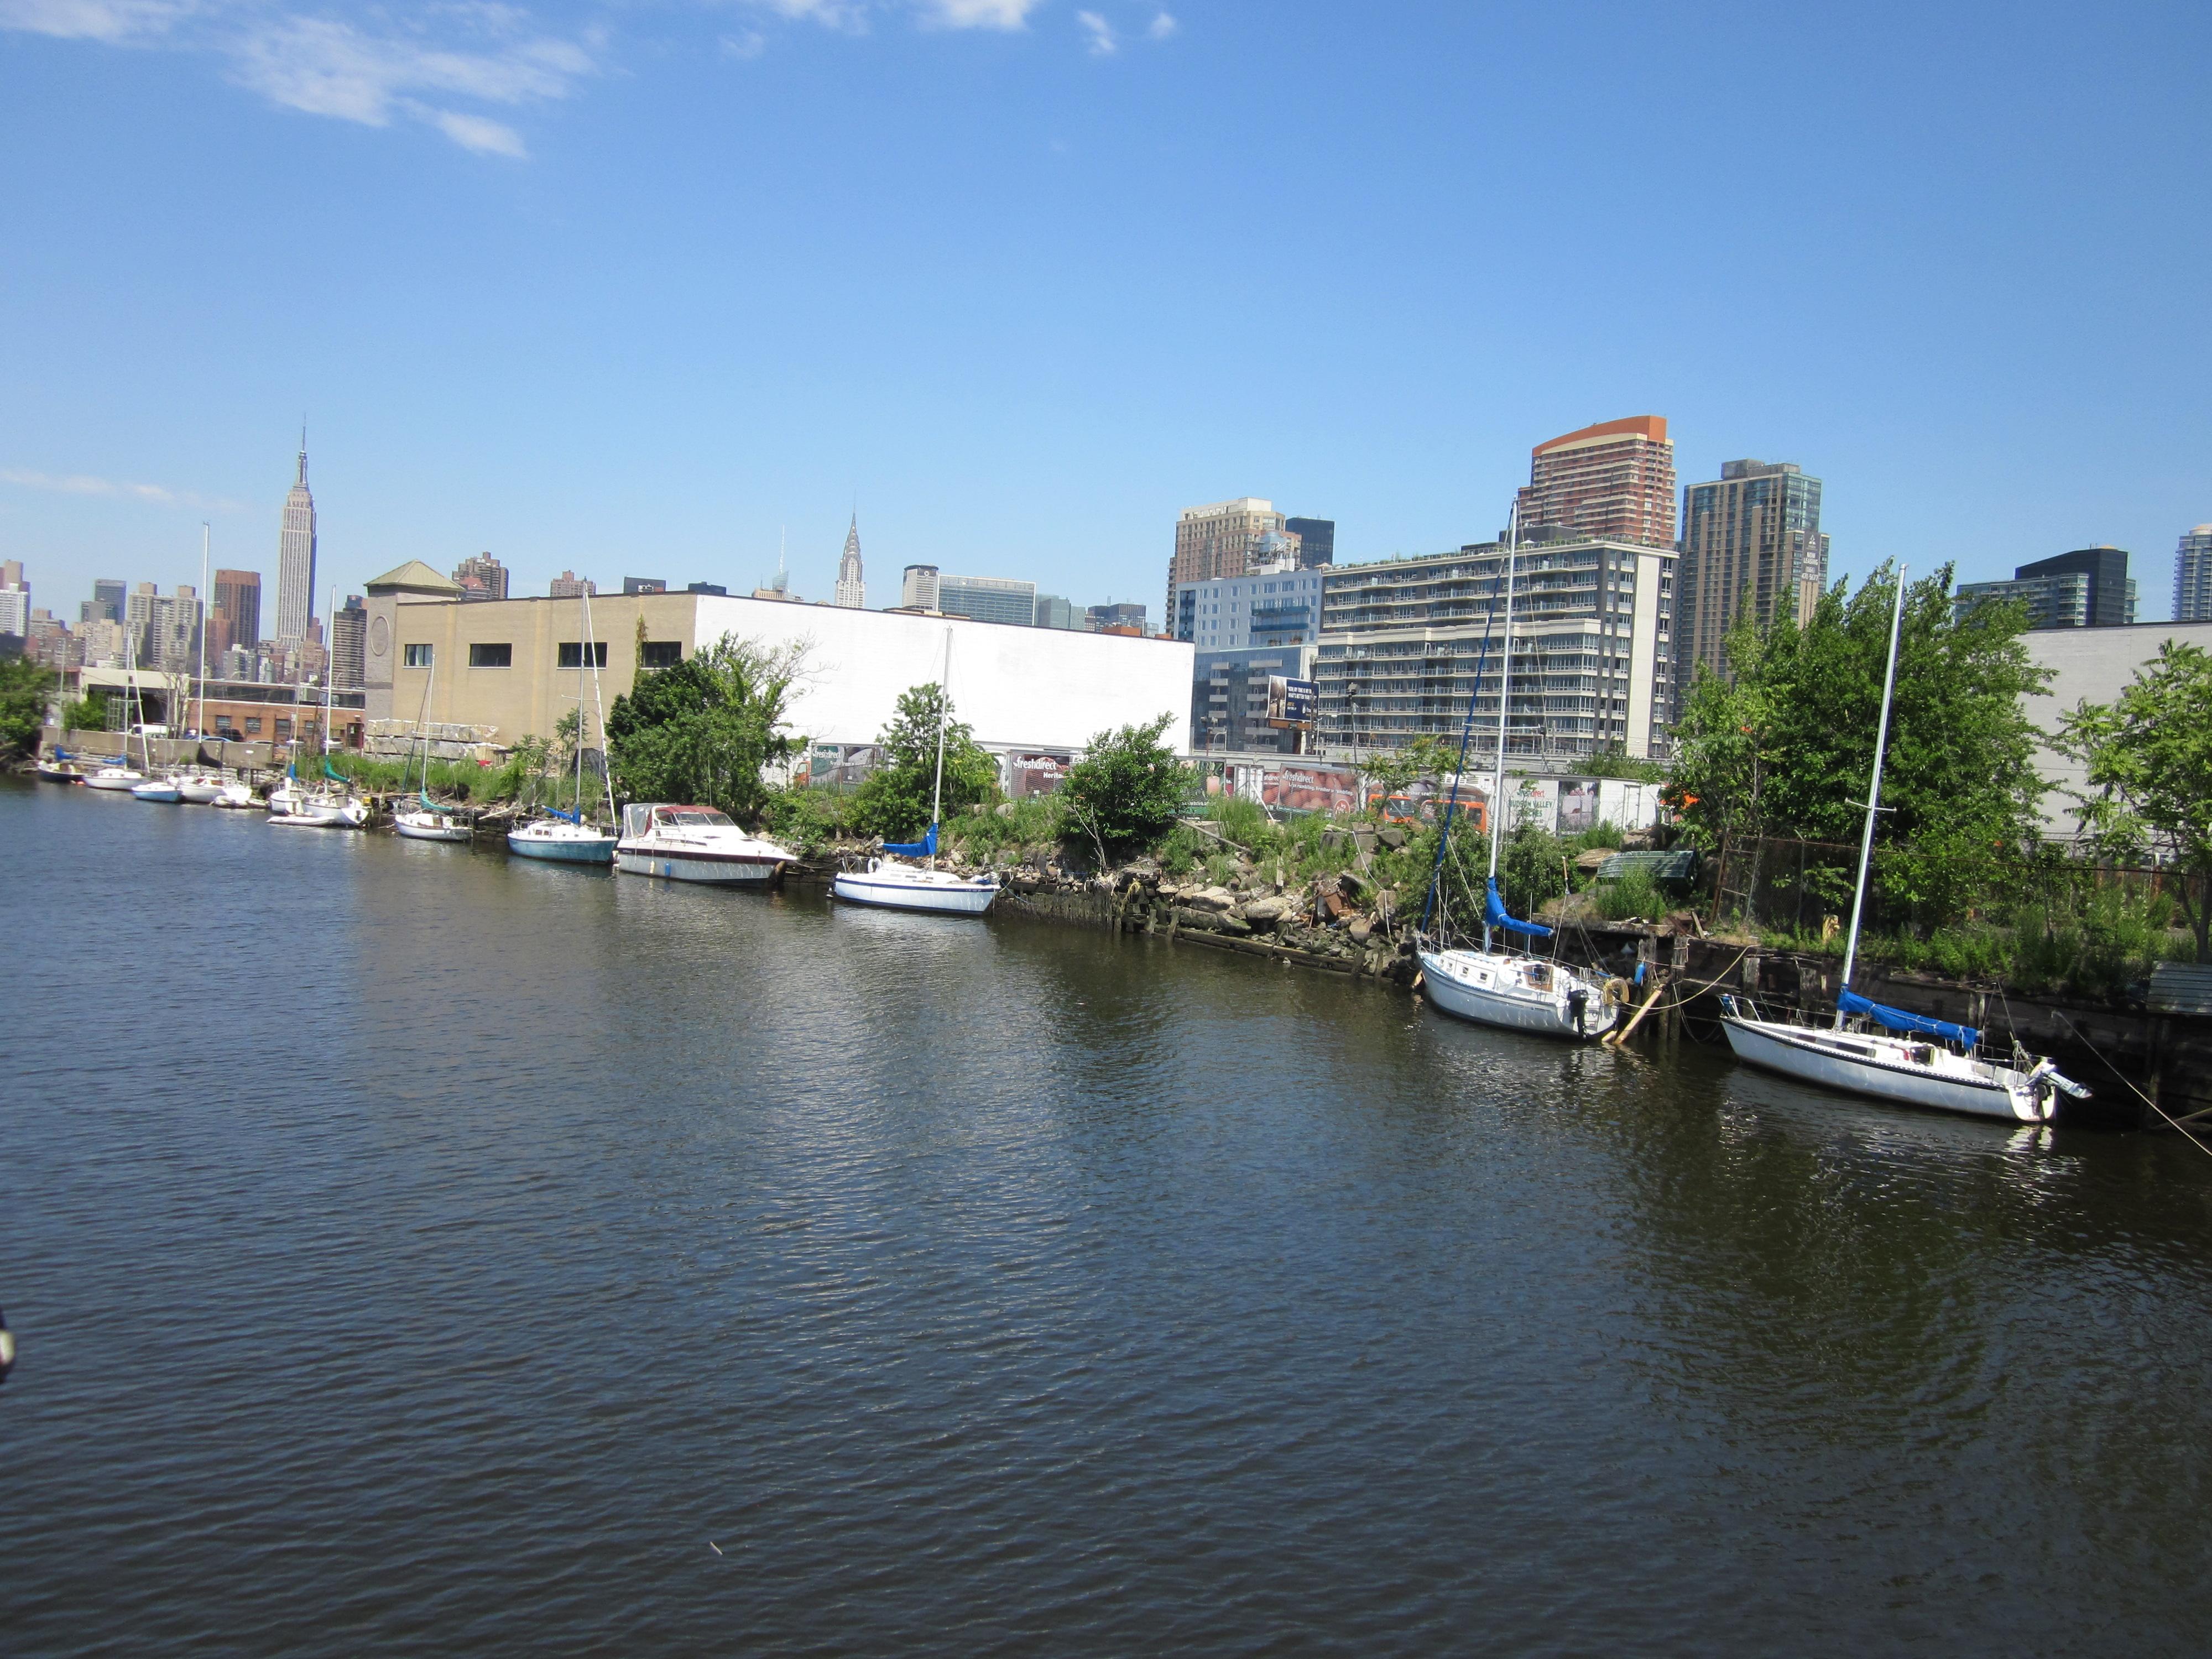 Urban riverfront.